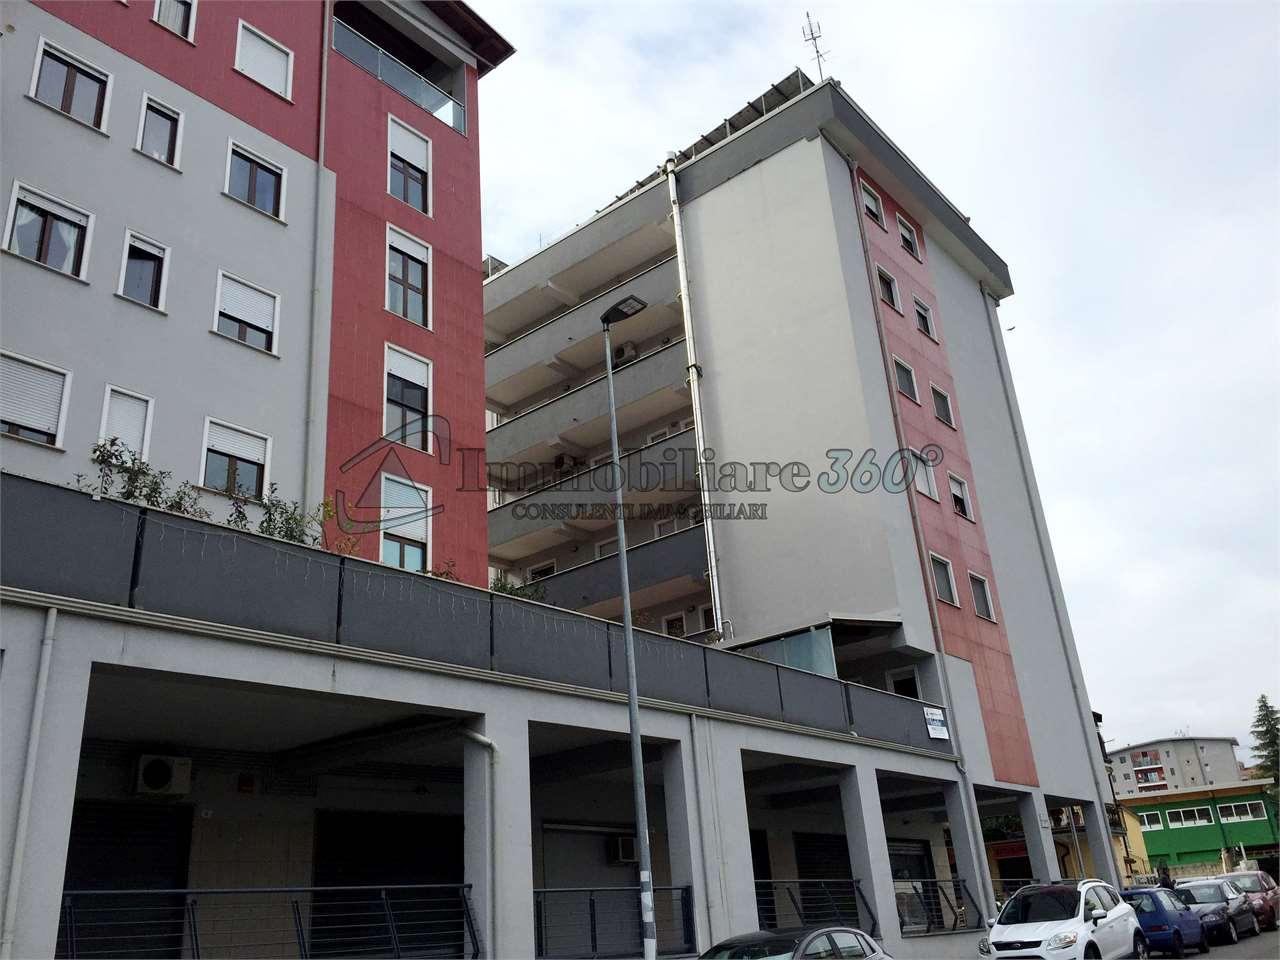 Appartamento Trilocale in Vendita a Cosenza - Rif. Rif. 333